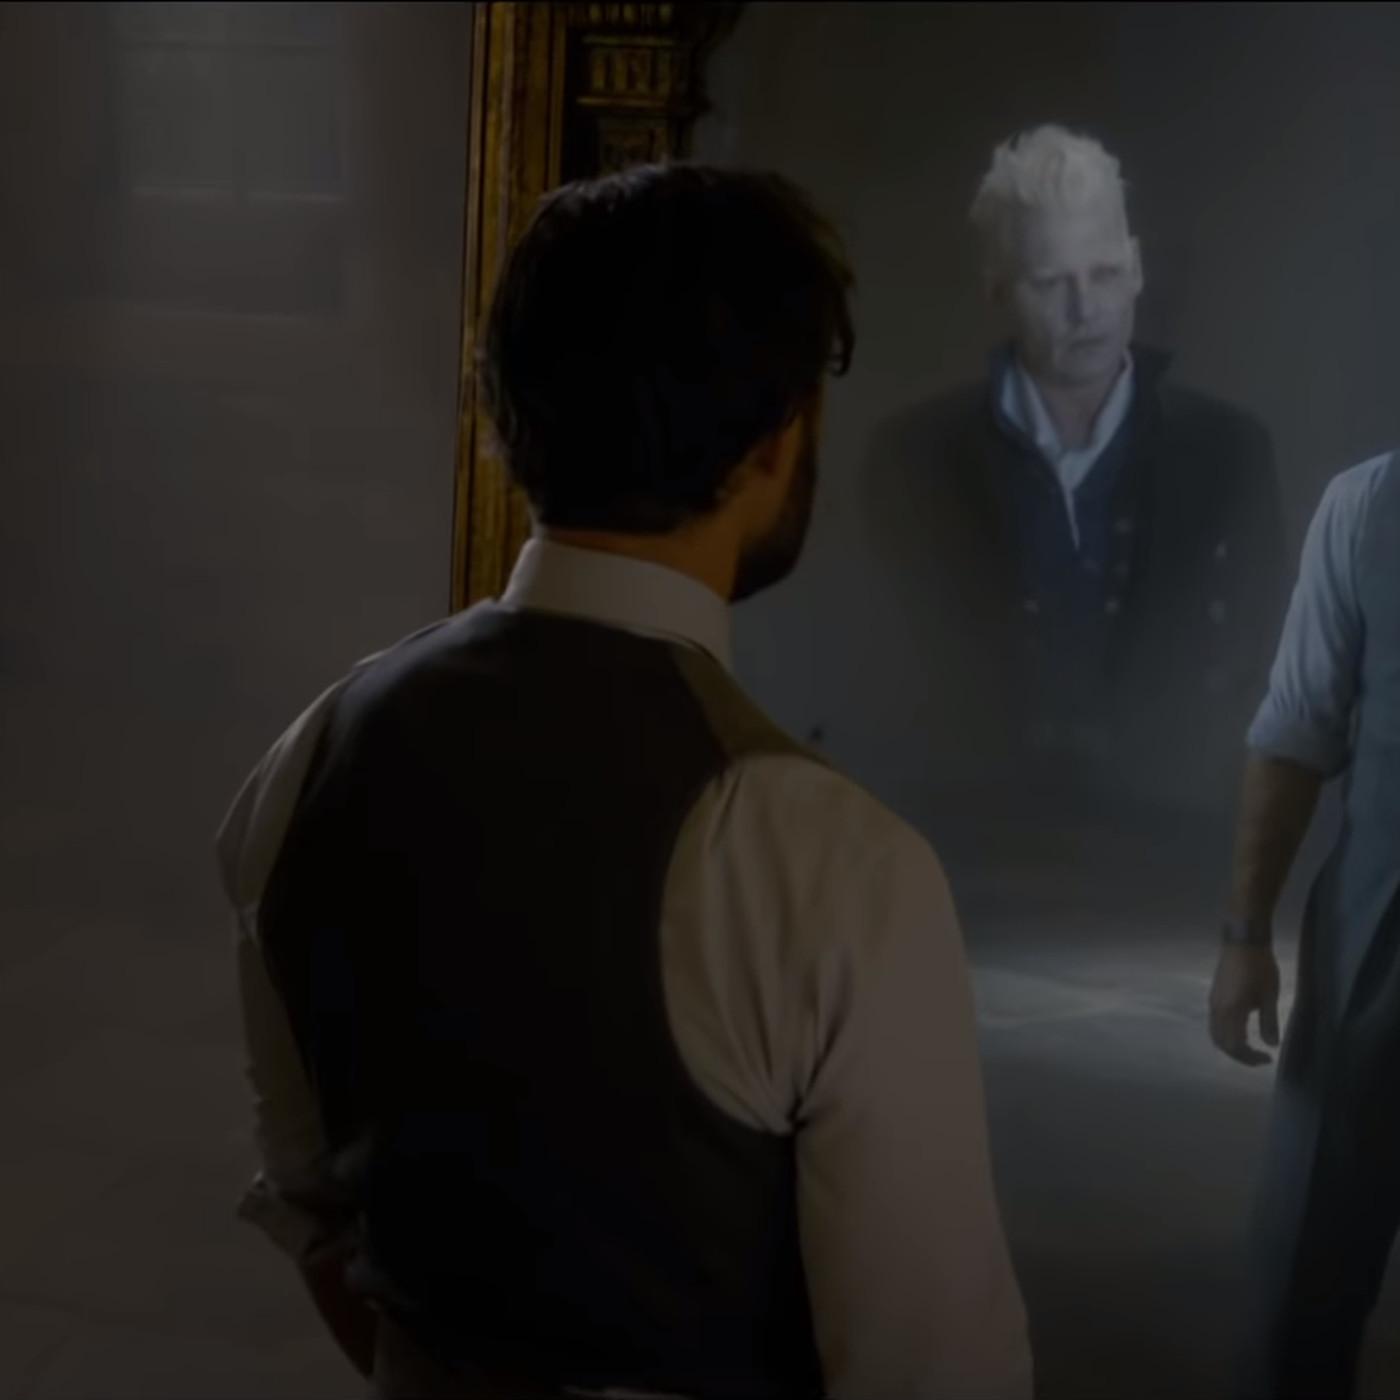 Bí mật chấn động về tình yêu đồng giới của cụ Dumbledore vừa được tiết lộ ngay trailer Fantastic Beasts 2 - Ảnh 3.